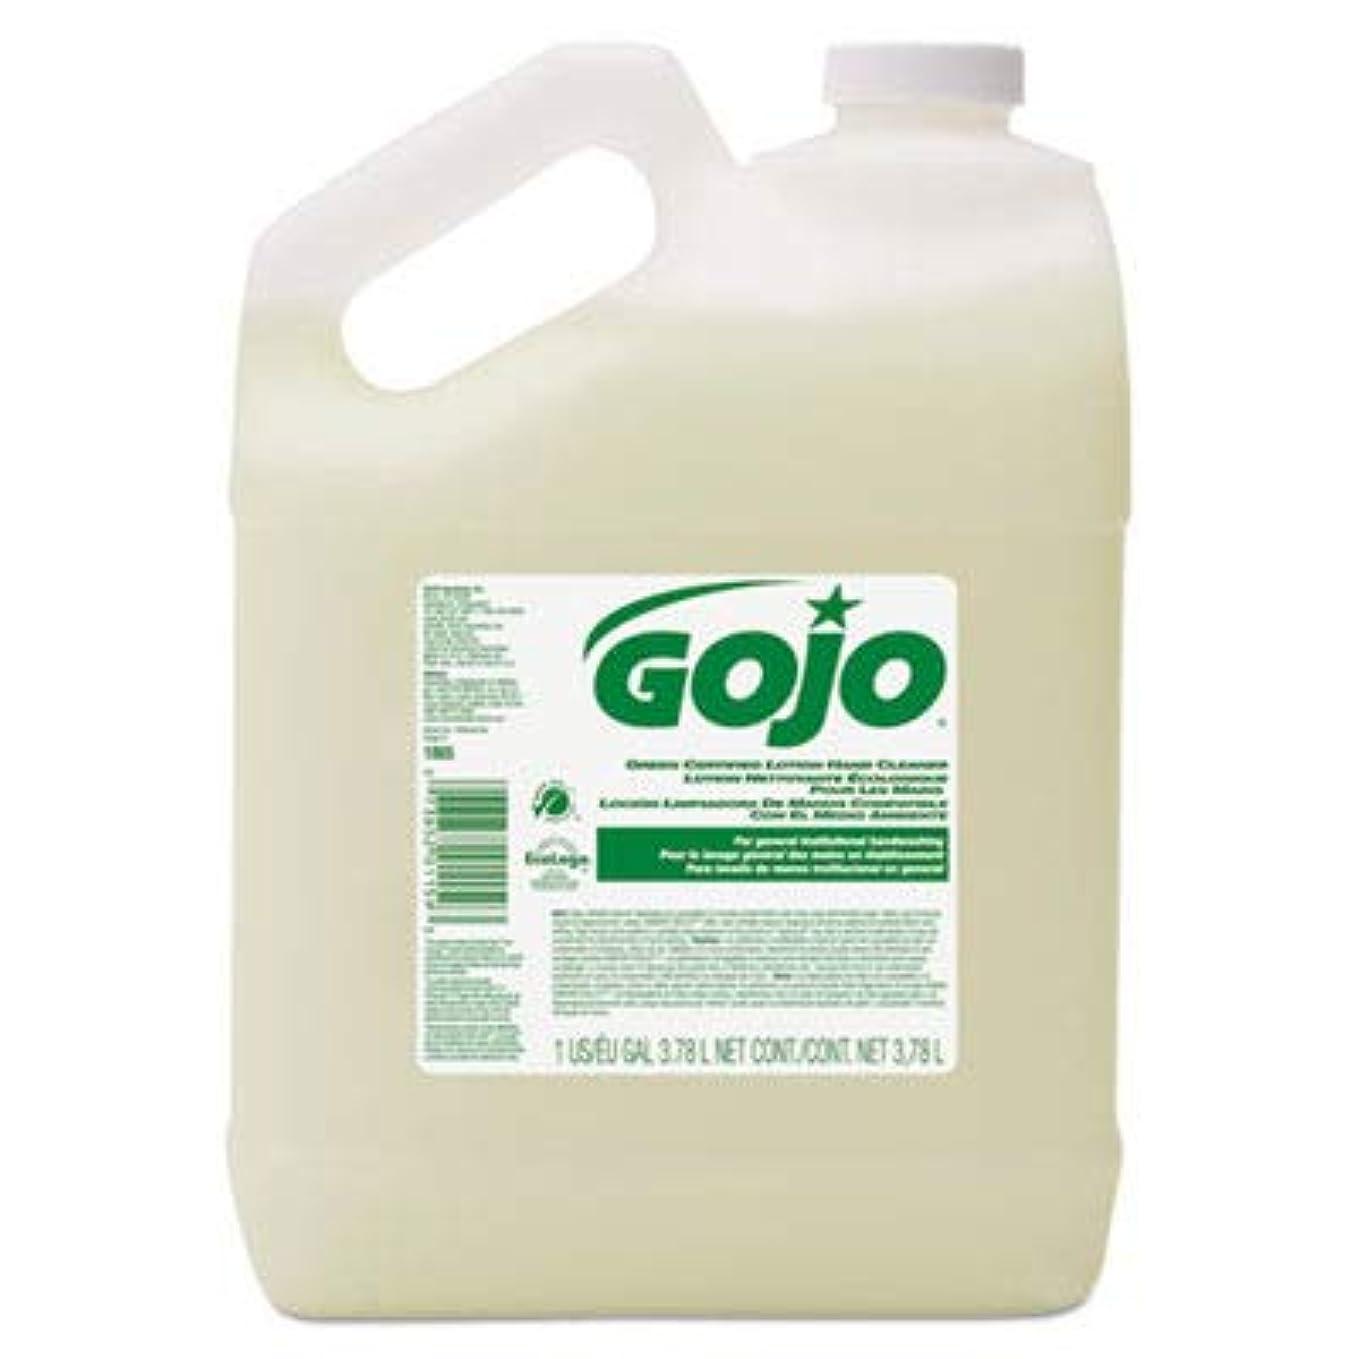 テセウス信頼性のある憲法goj186504 – グリーン認定ローションハンドクリーナー、1ガロンボトル、花柄香り